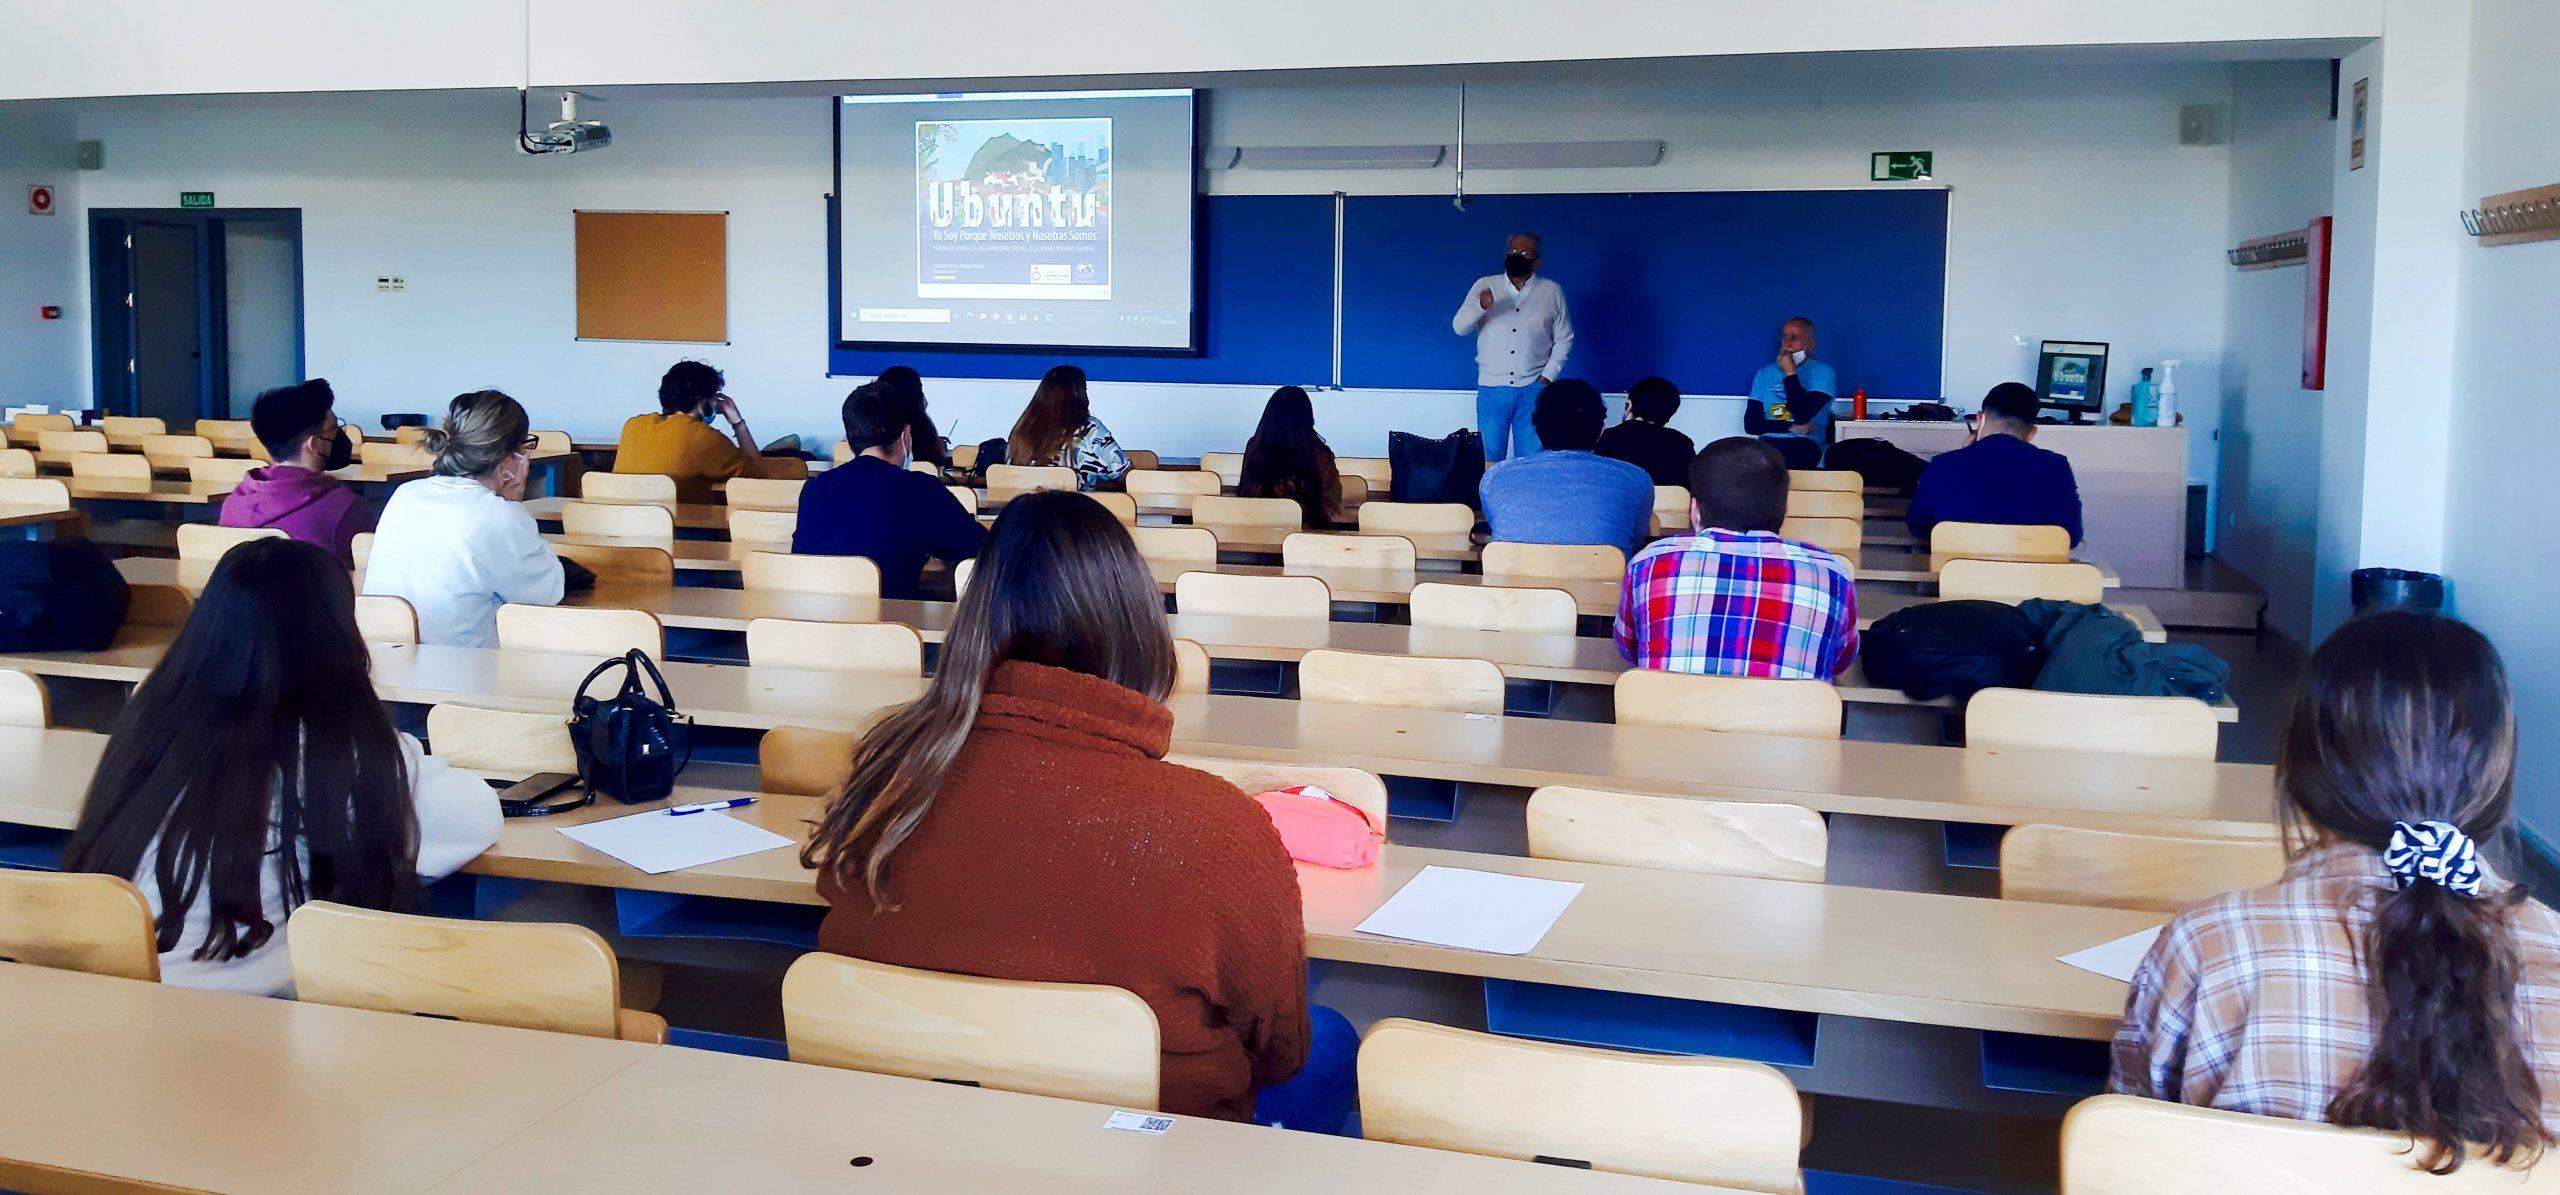 La Universidad de Cádiz celebra el Día Mundial del Trabajo Social 2021